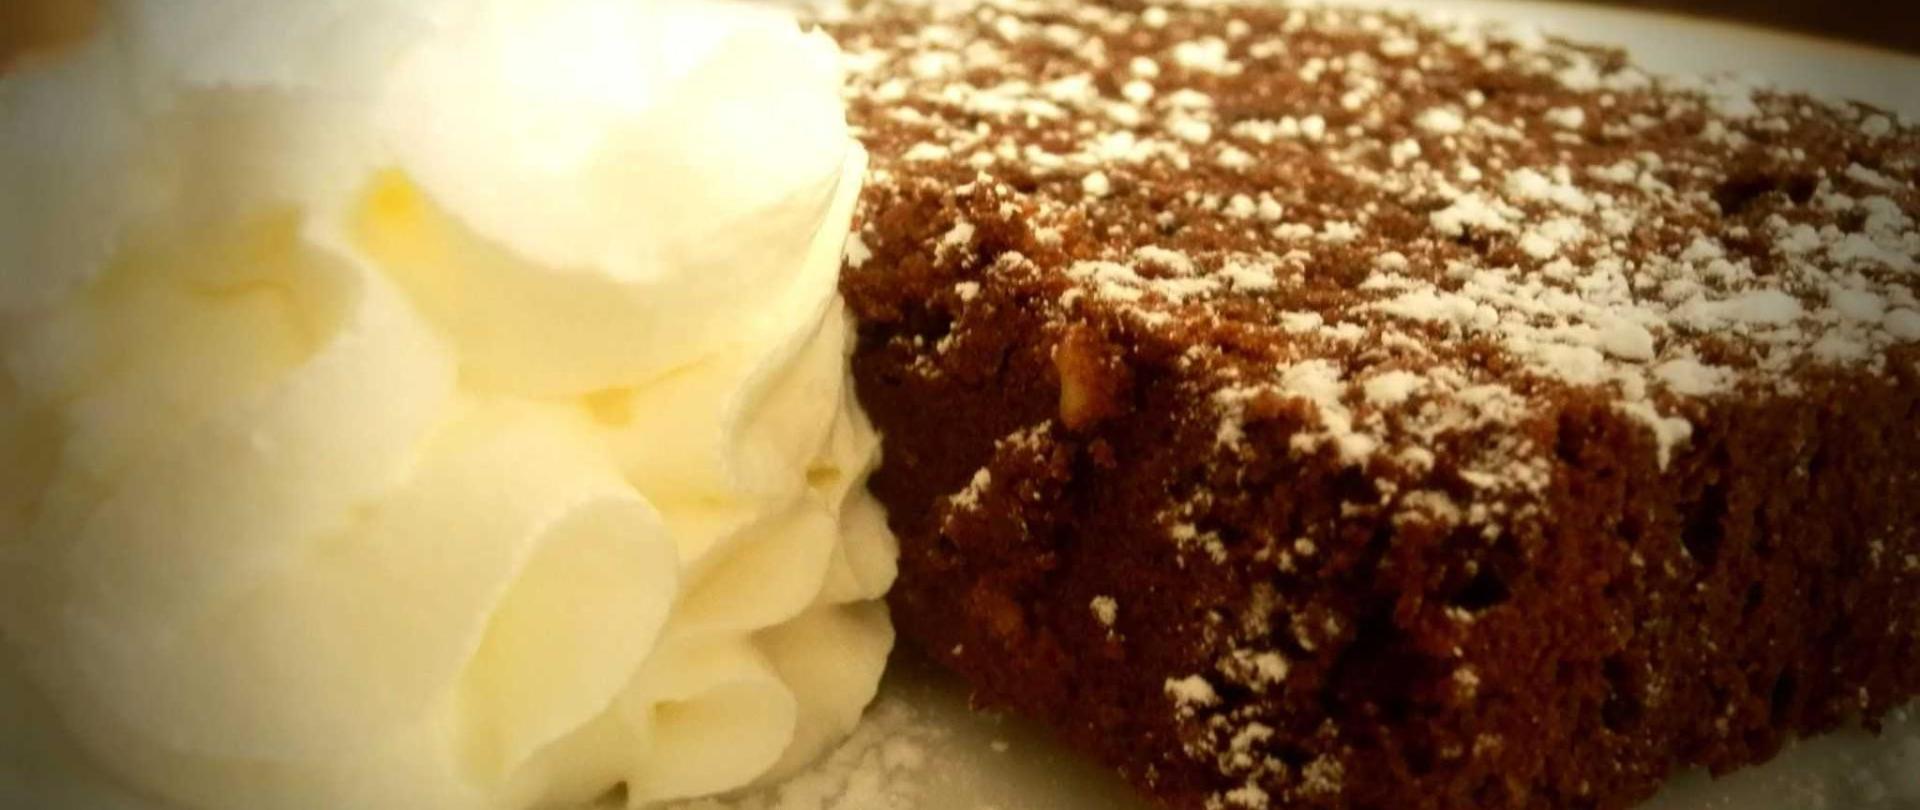 torta-1.jpg